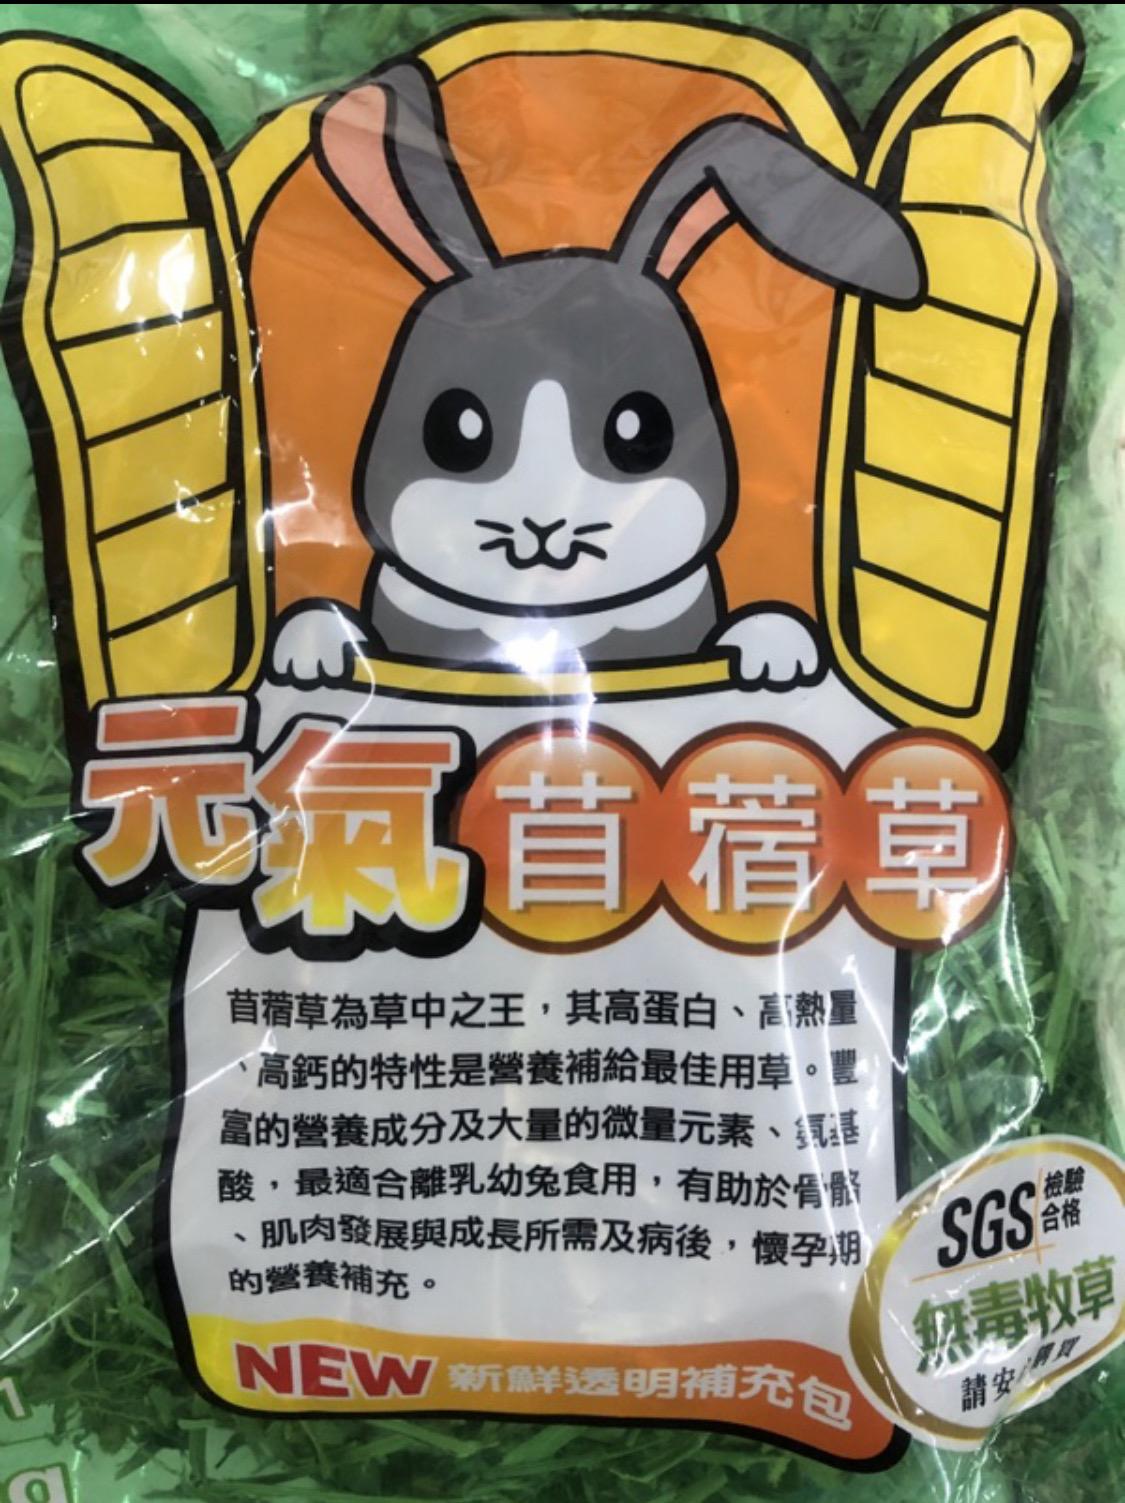 寵物二維馬-Canary元氣牧草系列 天竺鼠  兔子 龍貓 苜蓿草